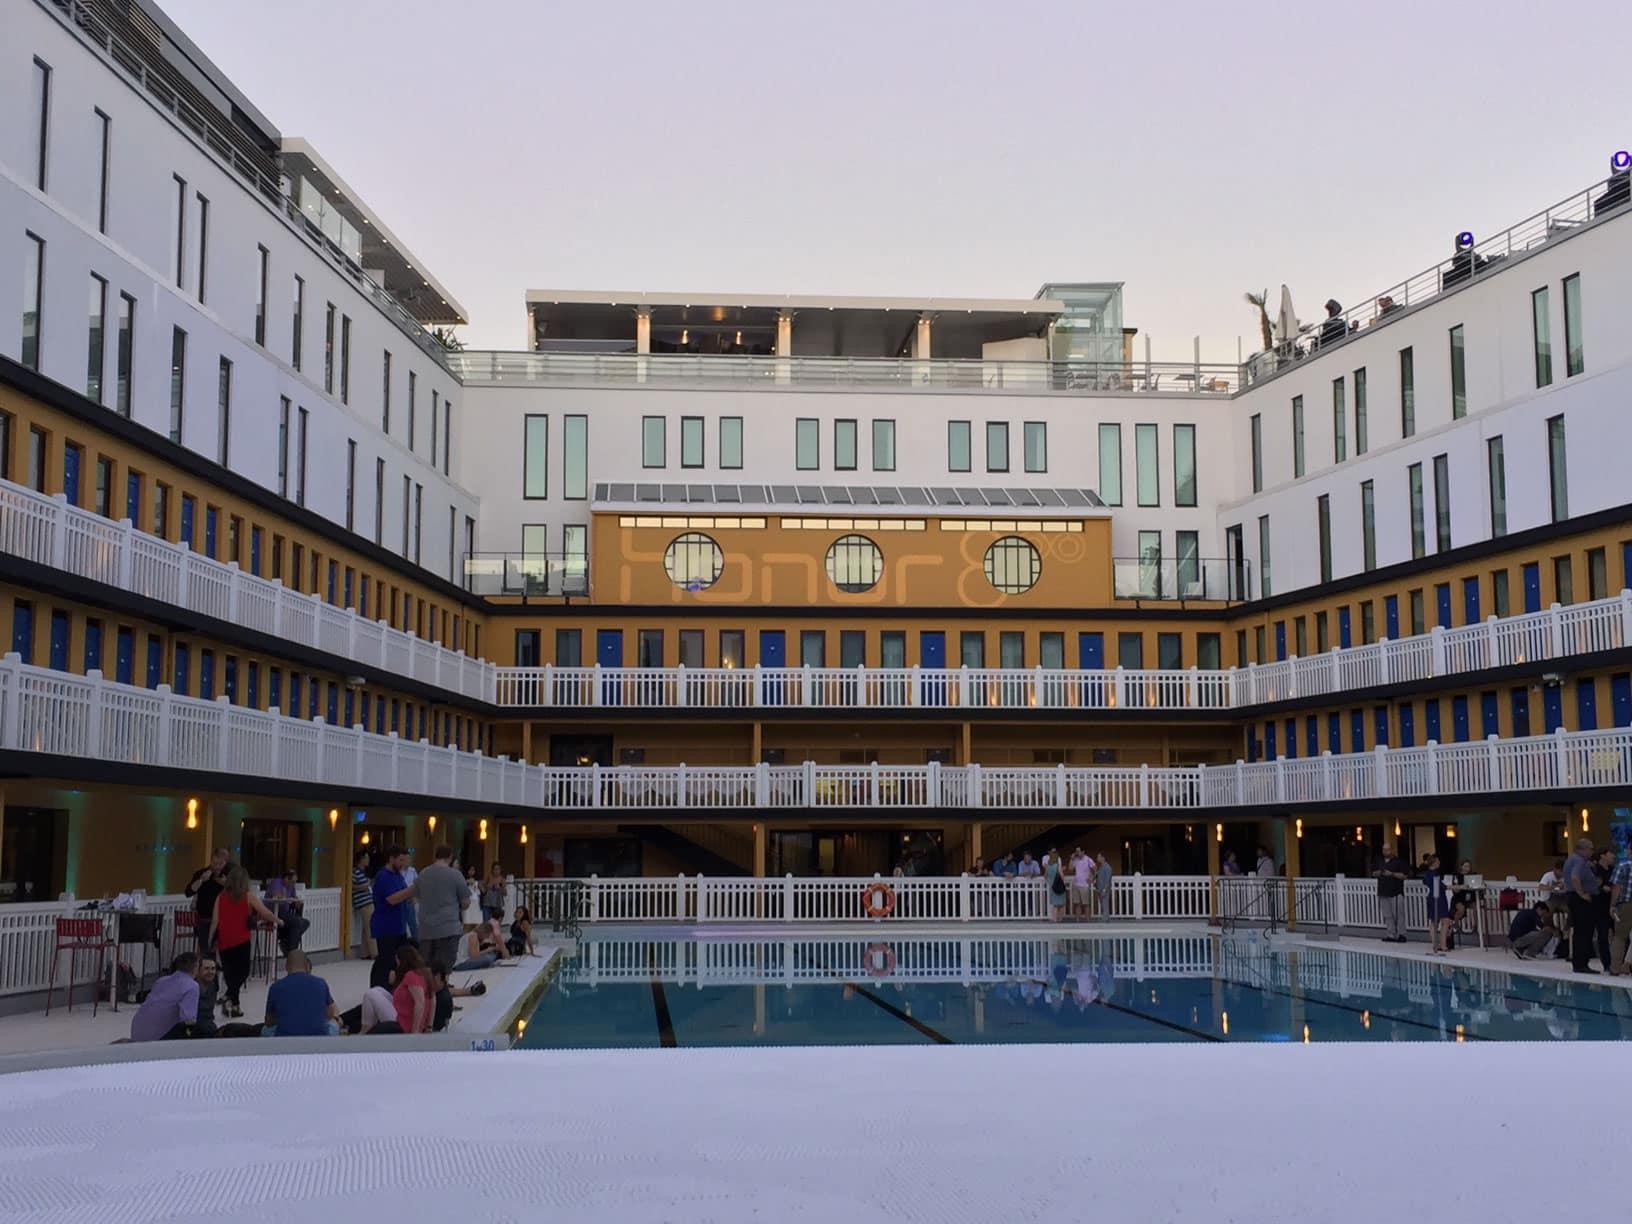 Retour sur la soir e de lancement du honor 8 la piscine for Piscine molitor prix